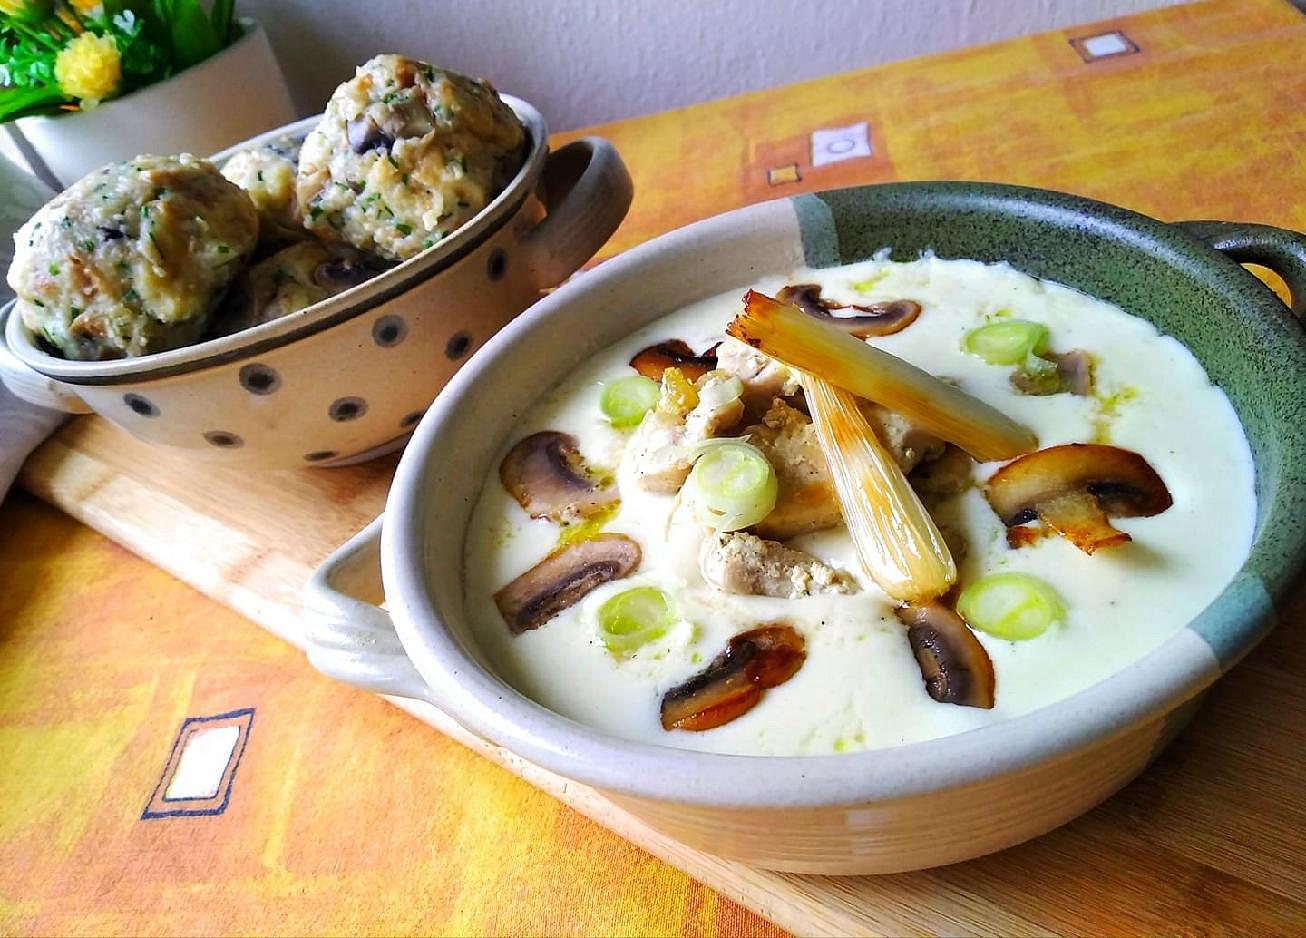 Hermelínová omáčka s kuřecím masem a houbové knedlíky